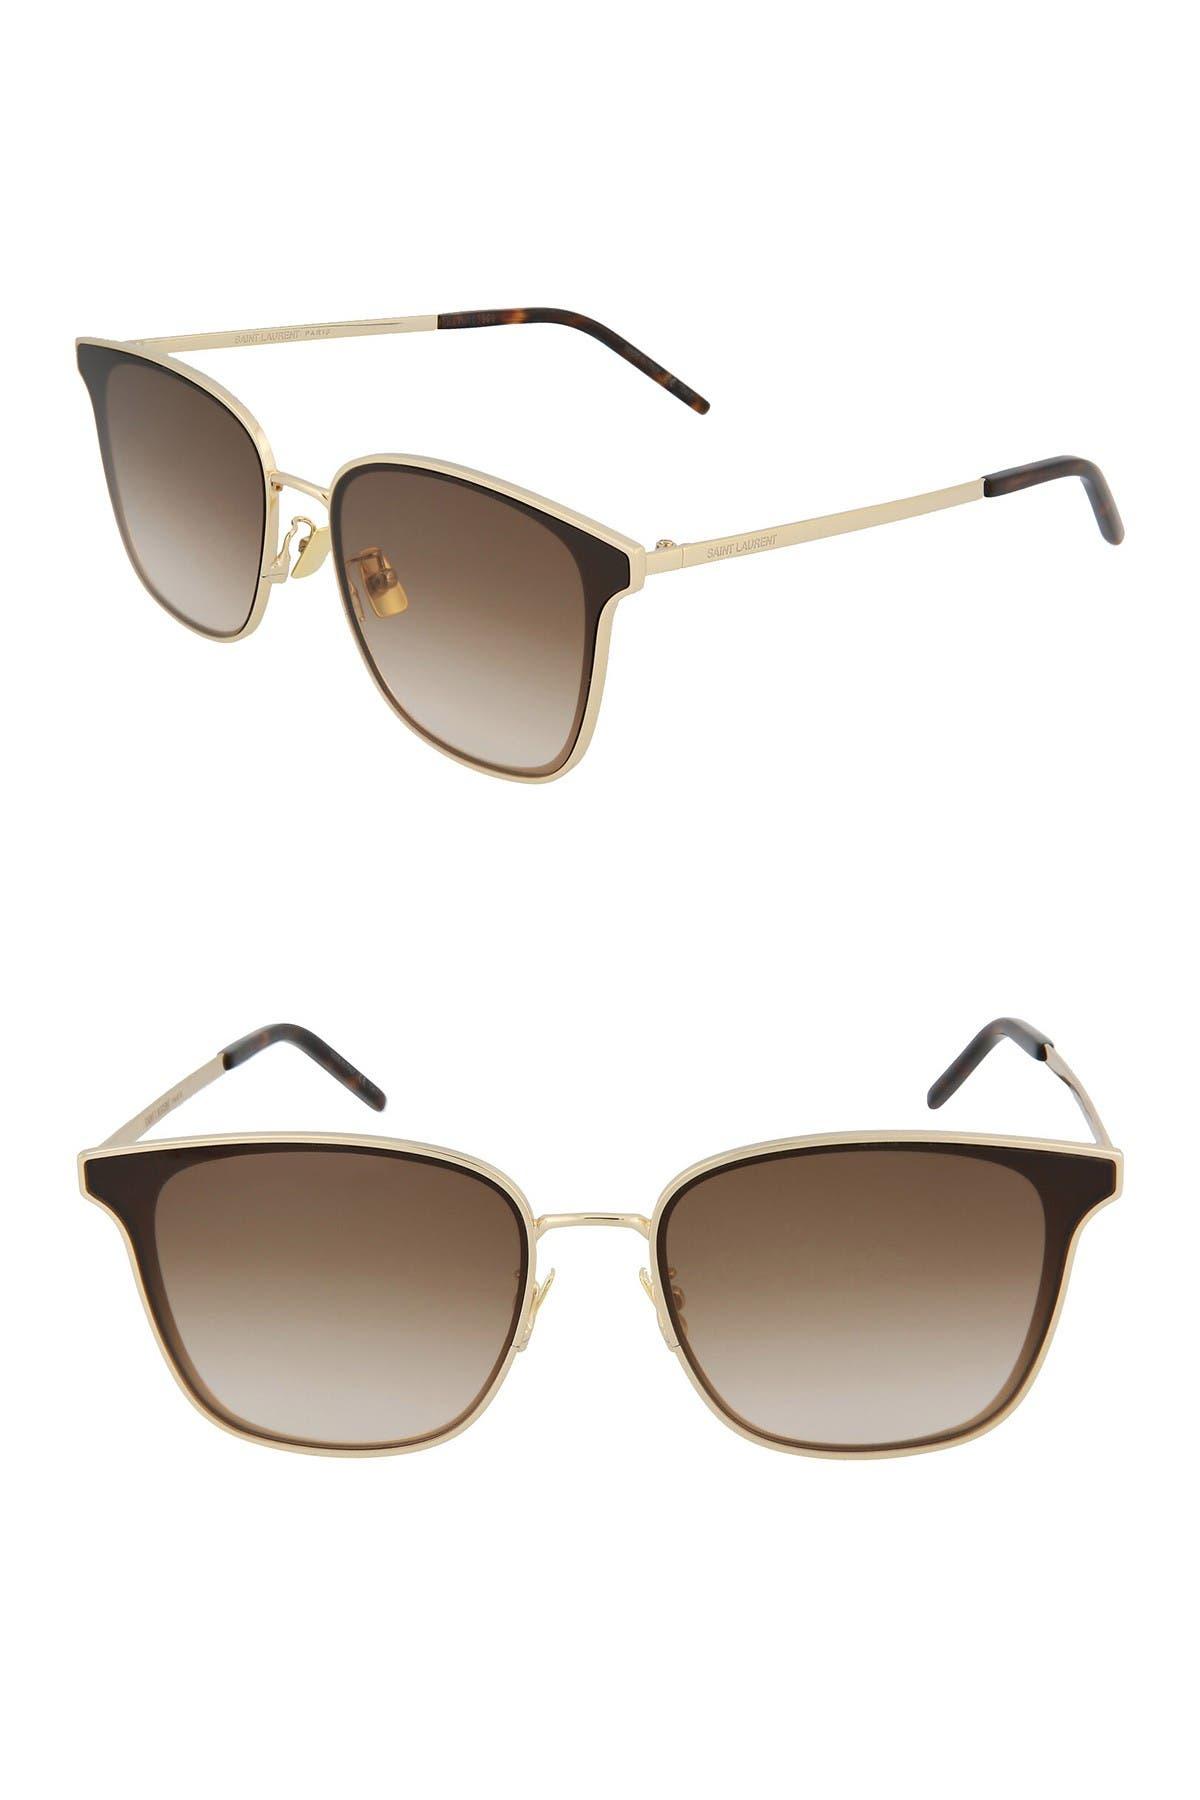 Image of Saint Laurent 64mm Retro Sunglasses